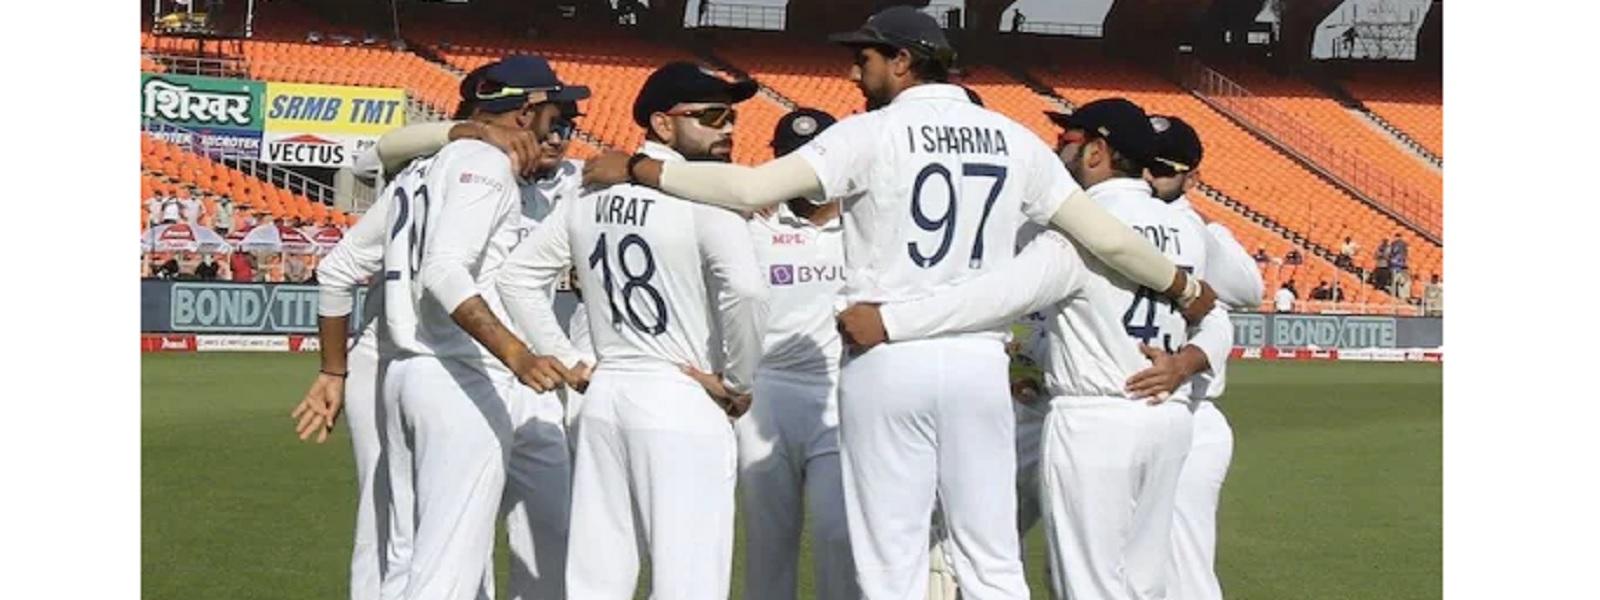 ICC உலக டெஸ்ட் சாம்பியன்ஷிப் இறுதிப் போட்டிக்கான இந்திய அணி அறிவிப்பு